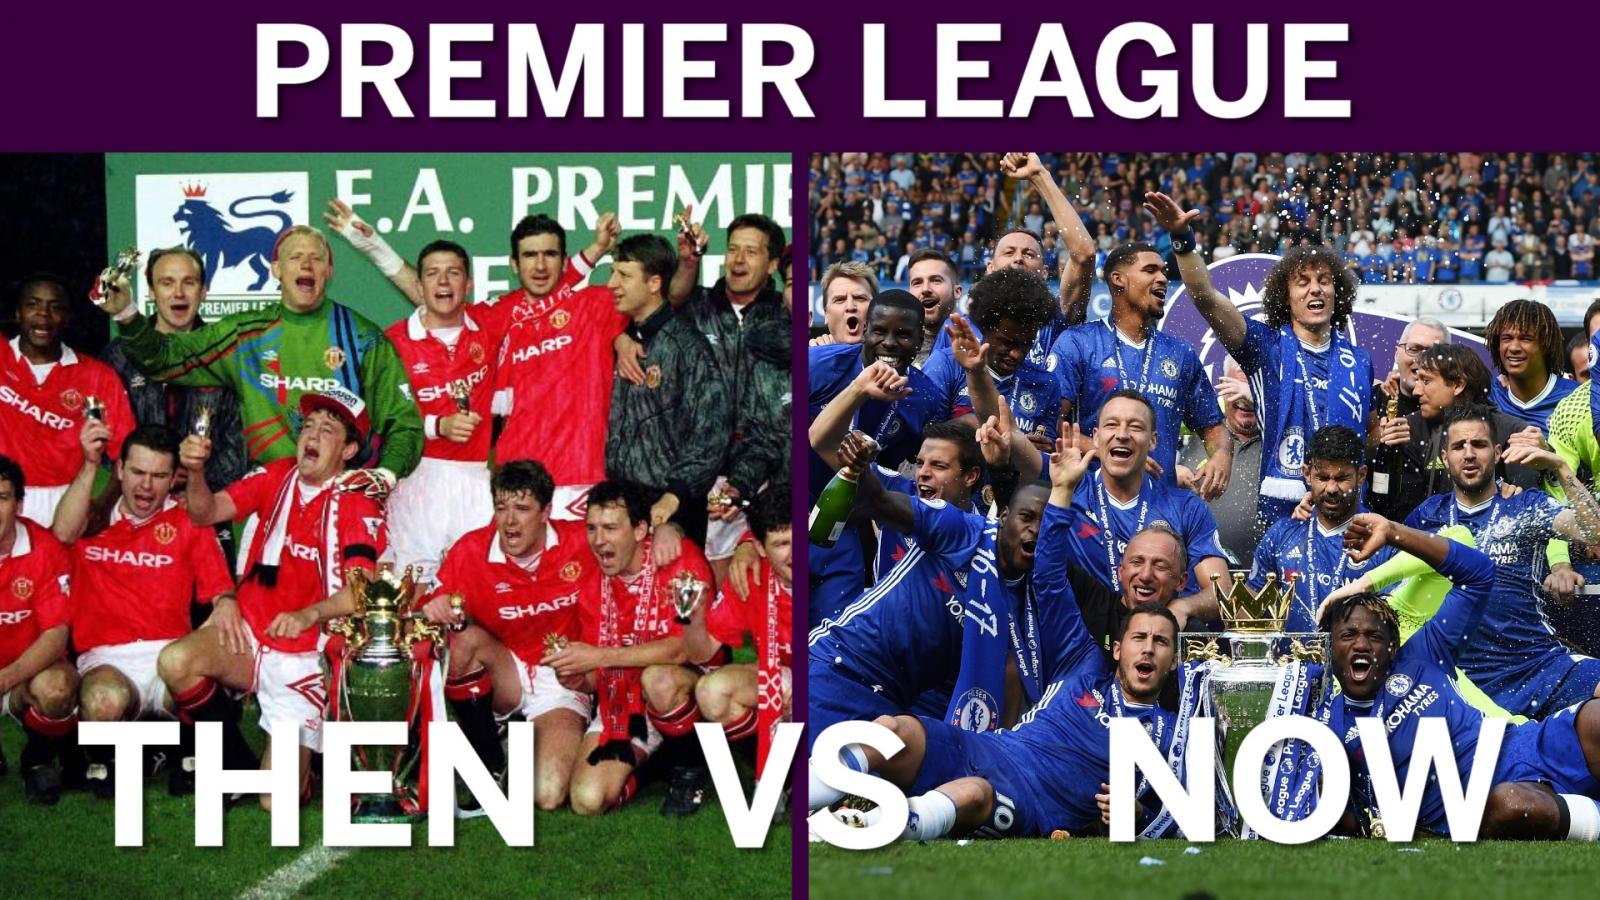 Premier League At 25: Then Vs Now